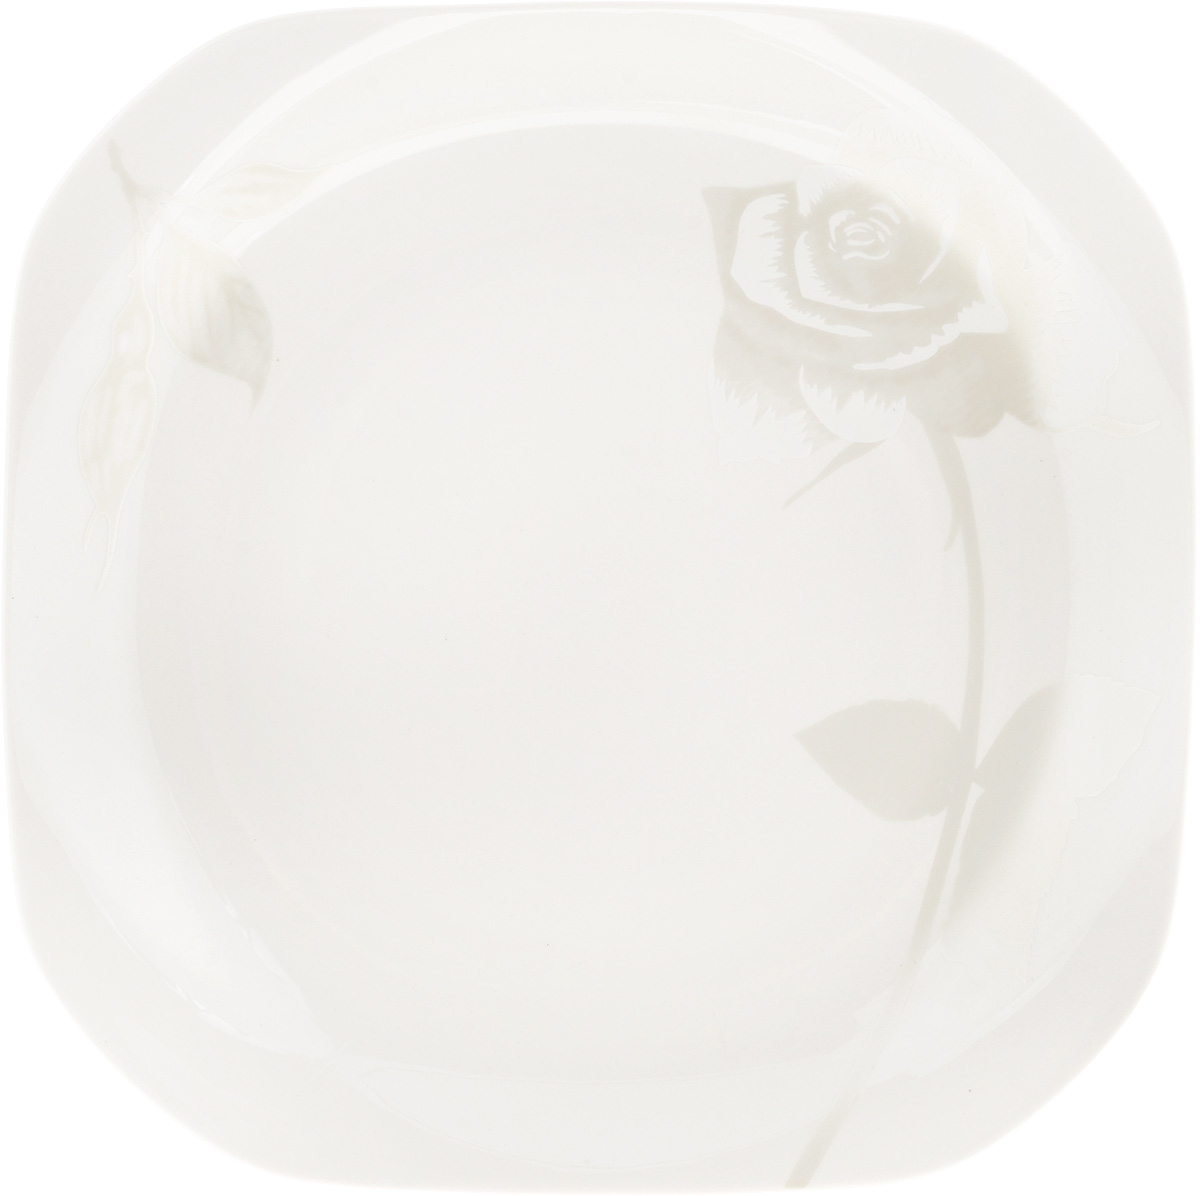 Тарелка подстановочная Жемчужная роза, 23,5 x 23,5 см216691Тарелка Жемчужная роза изготовлена из глазурованного фарфора. Подстановочнаятарелка - это особый вид тарелок. Обычно она выполняет исключительнодекоративную функцию.Такая тарелка изысканно украсит сервировку как обеденного, так и праздничногостола. Размер тарелки: 23,5 x 23,5 см.